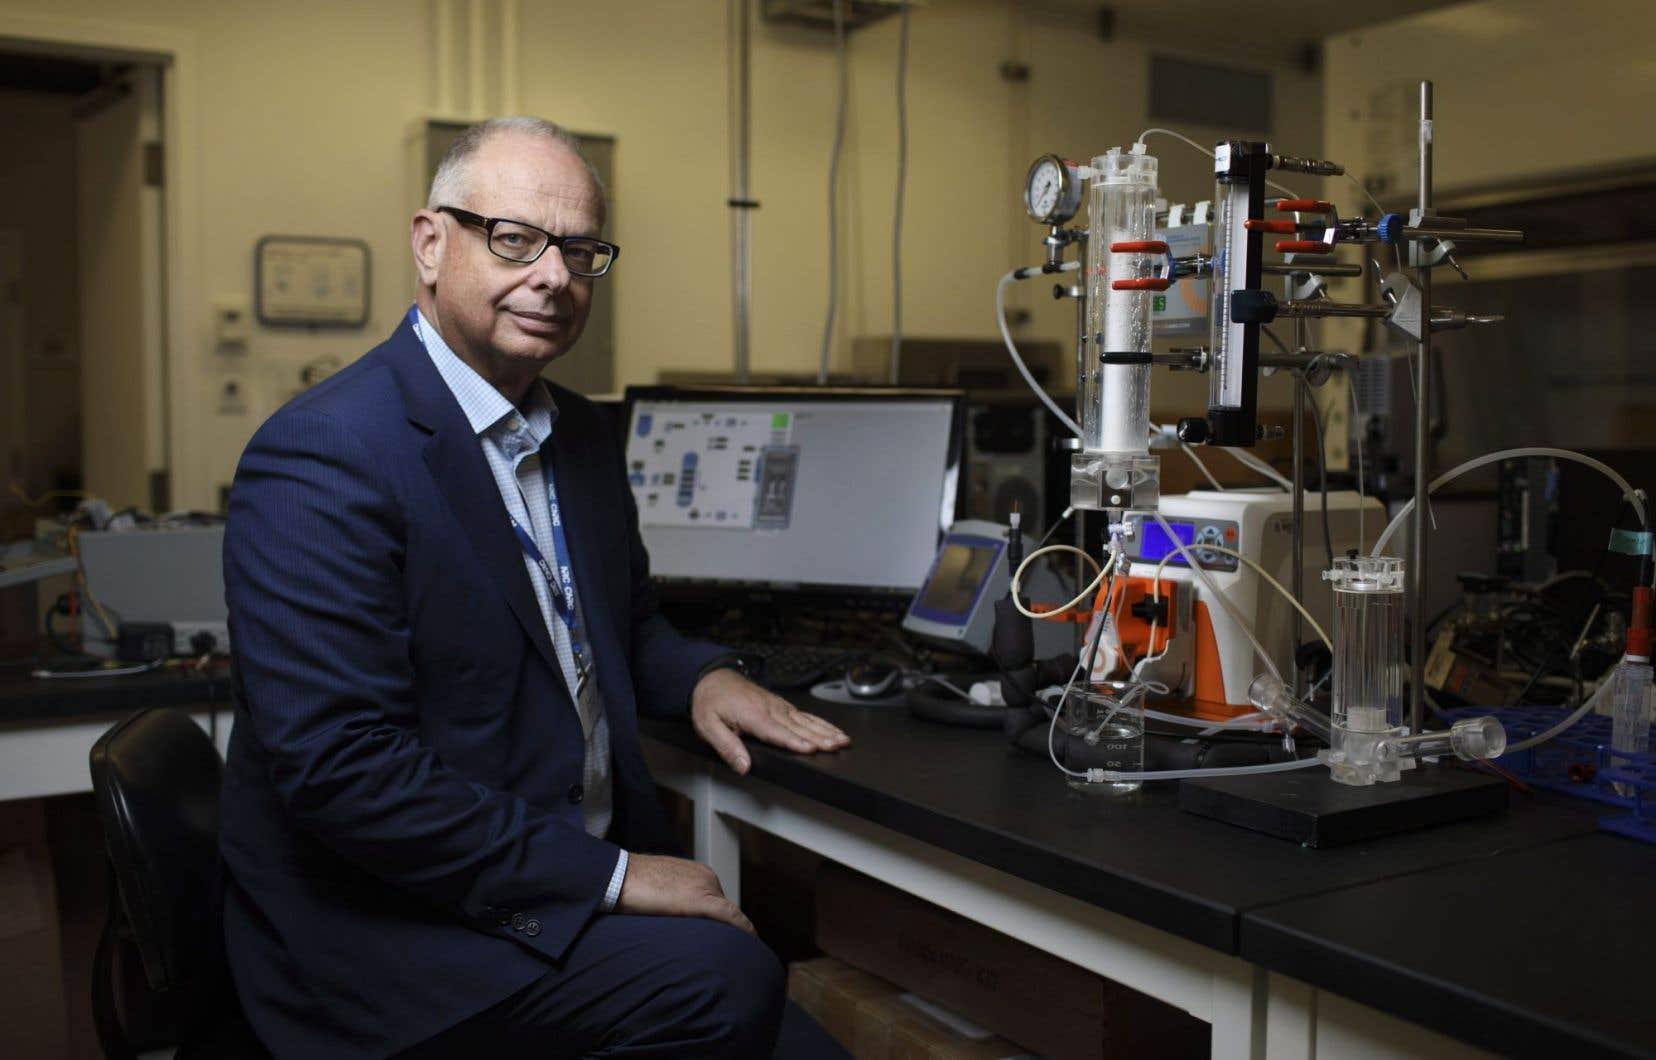 Le directeur de Ingenuity Lab Carlo Montemagno a conçu une nouvelle manière de capter le CO2 provenant des émissions de gaz du secteur industriel.